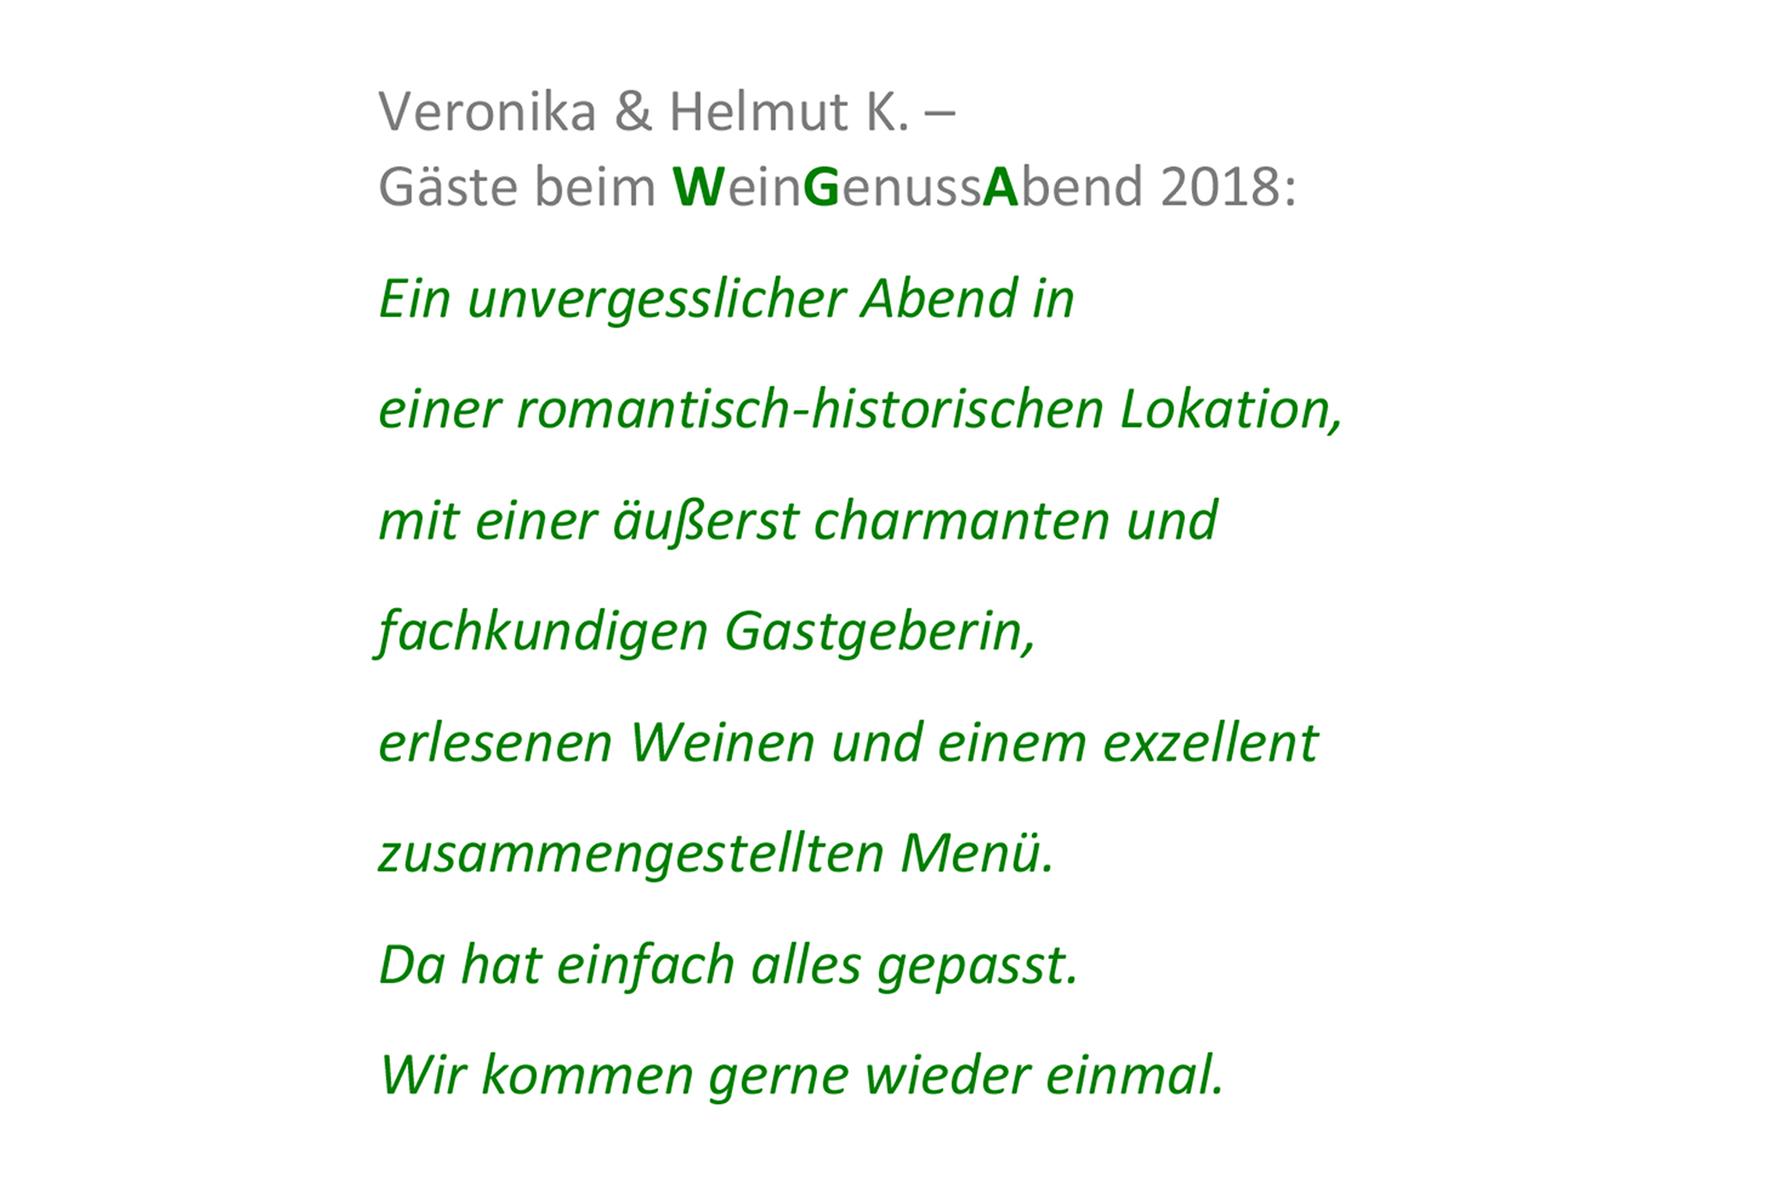 Stimmen_Veronika und Helmut K.